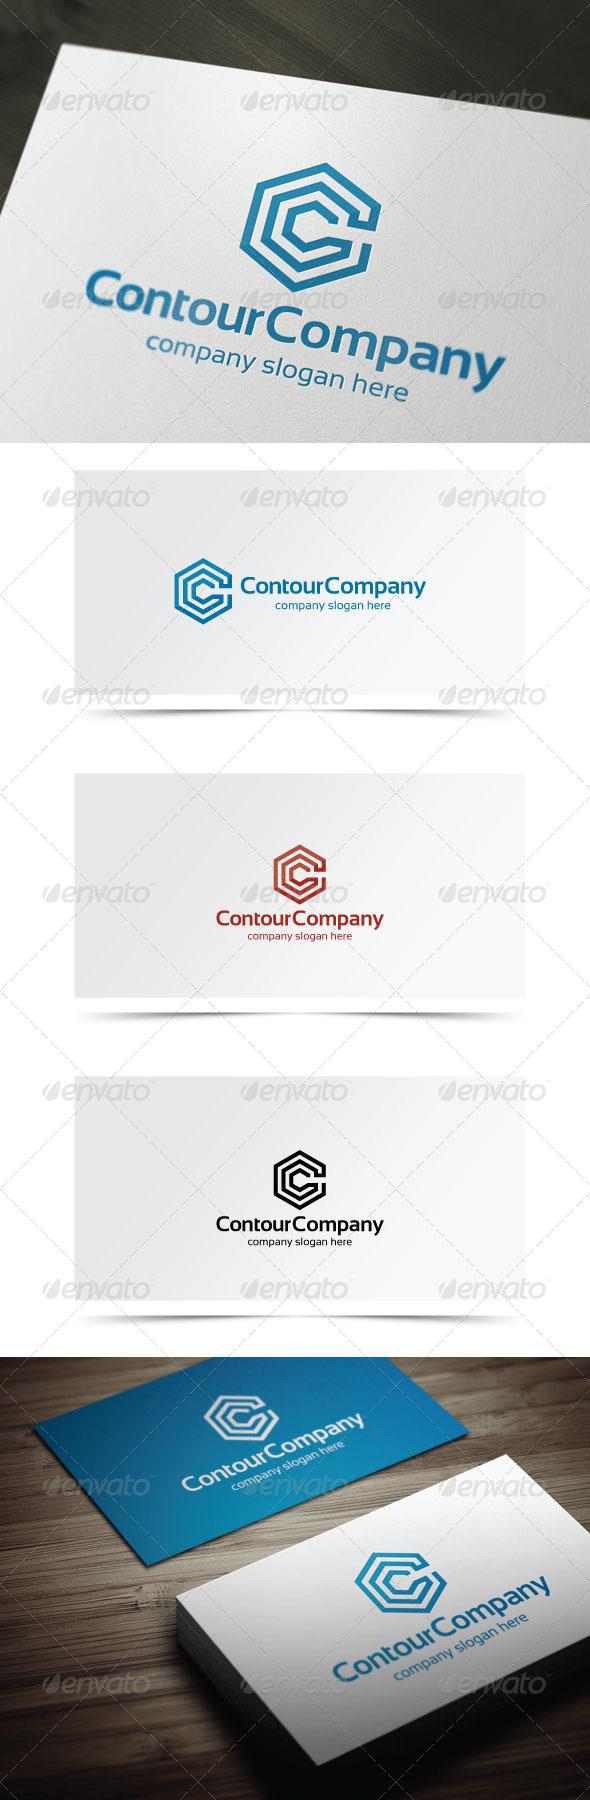 Contour Company - Company Logo Templates